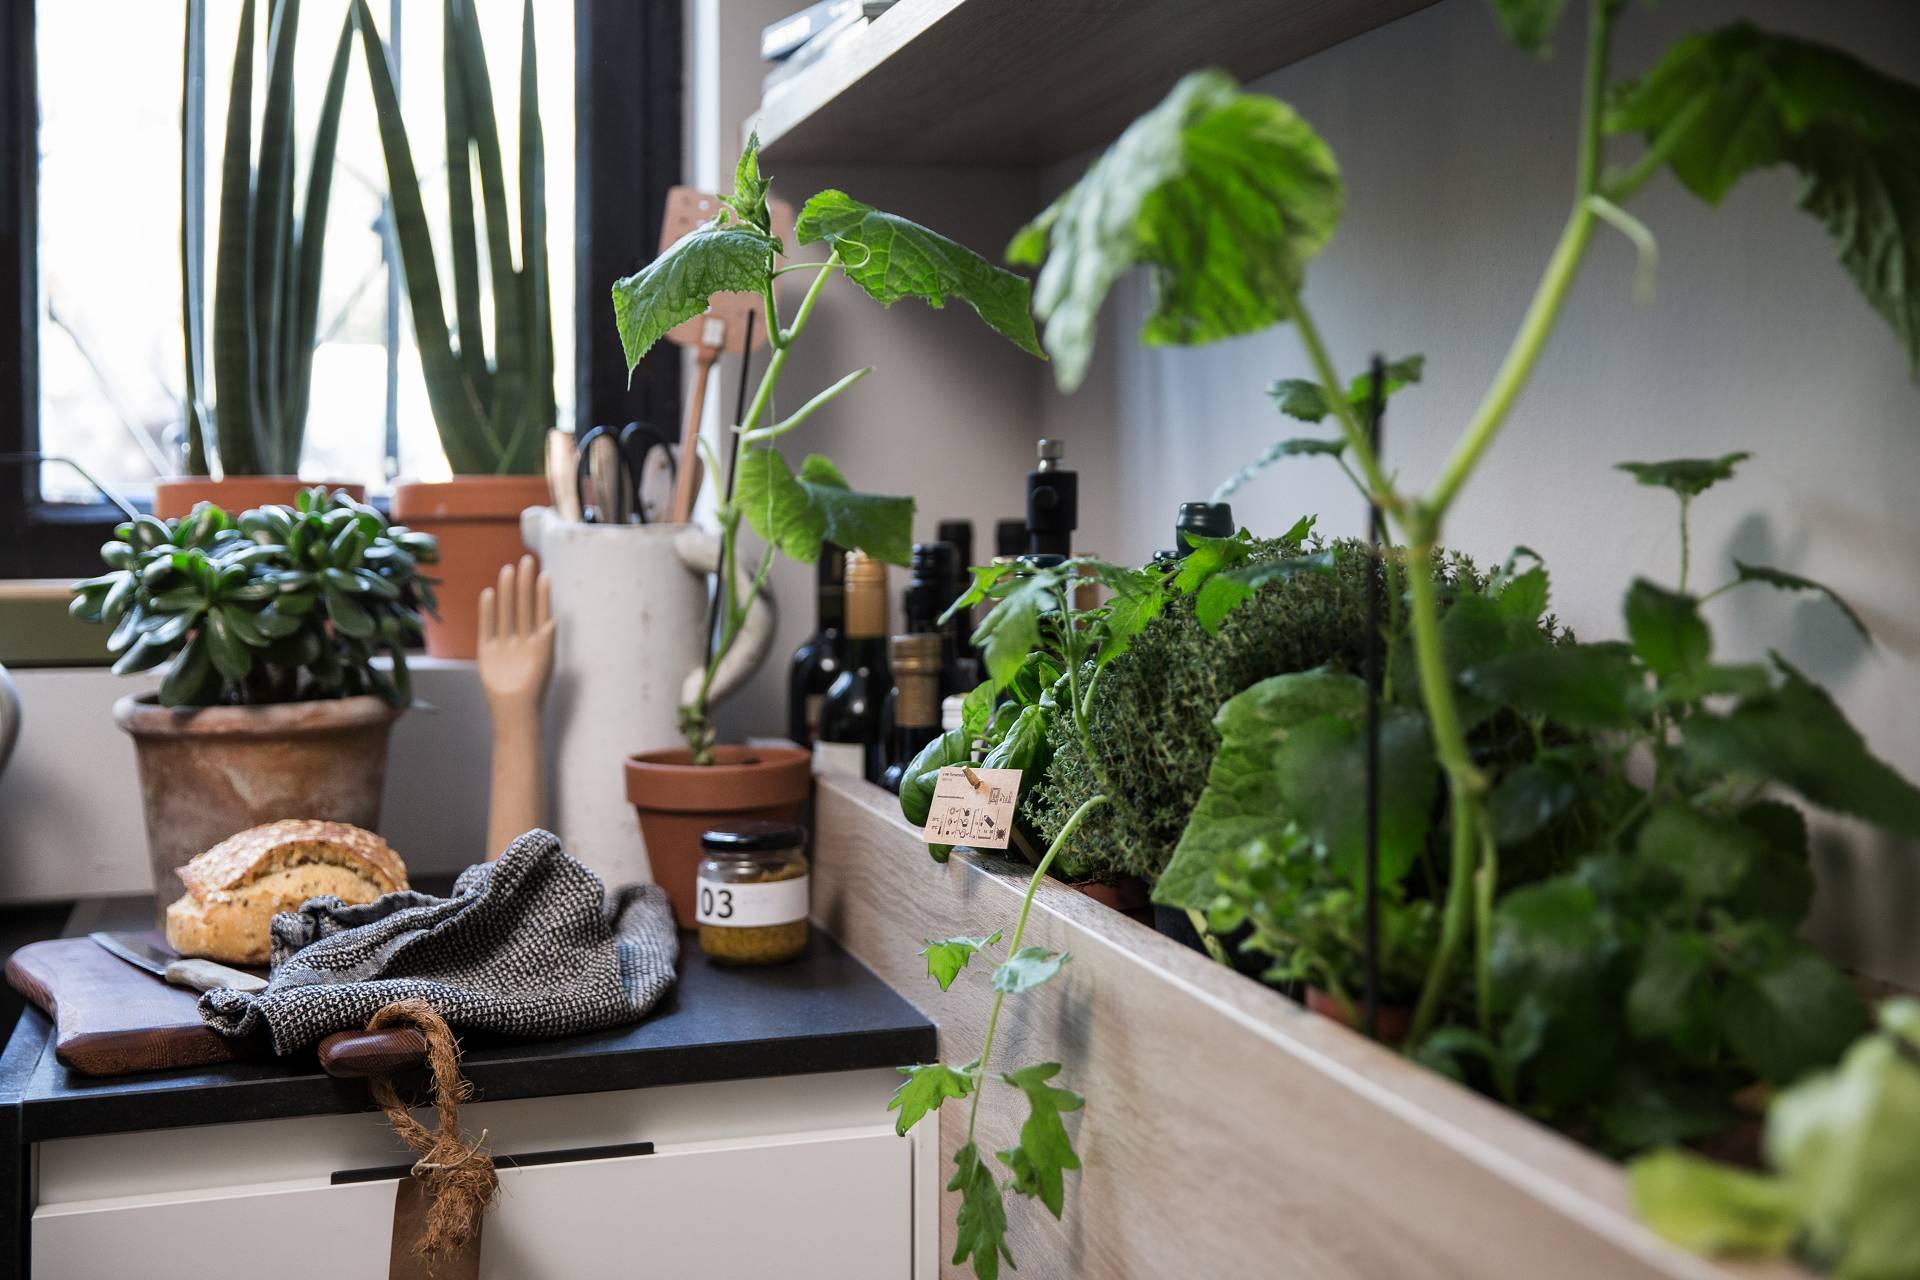 SieMatic Urban S2 SE herb garden grows fresh herbs in the kitchen